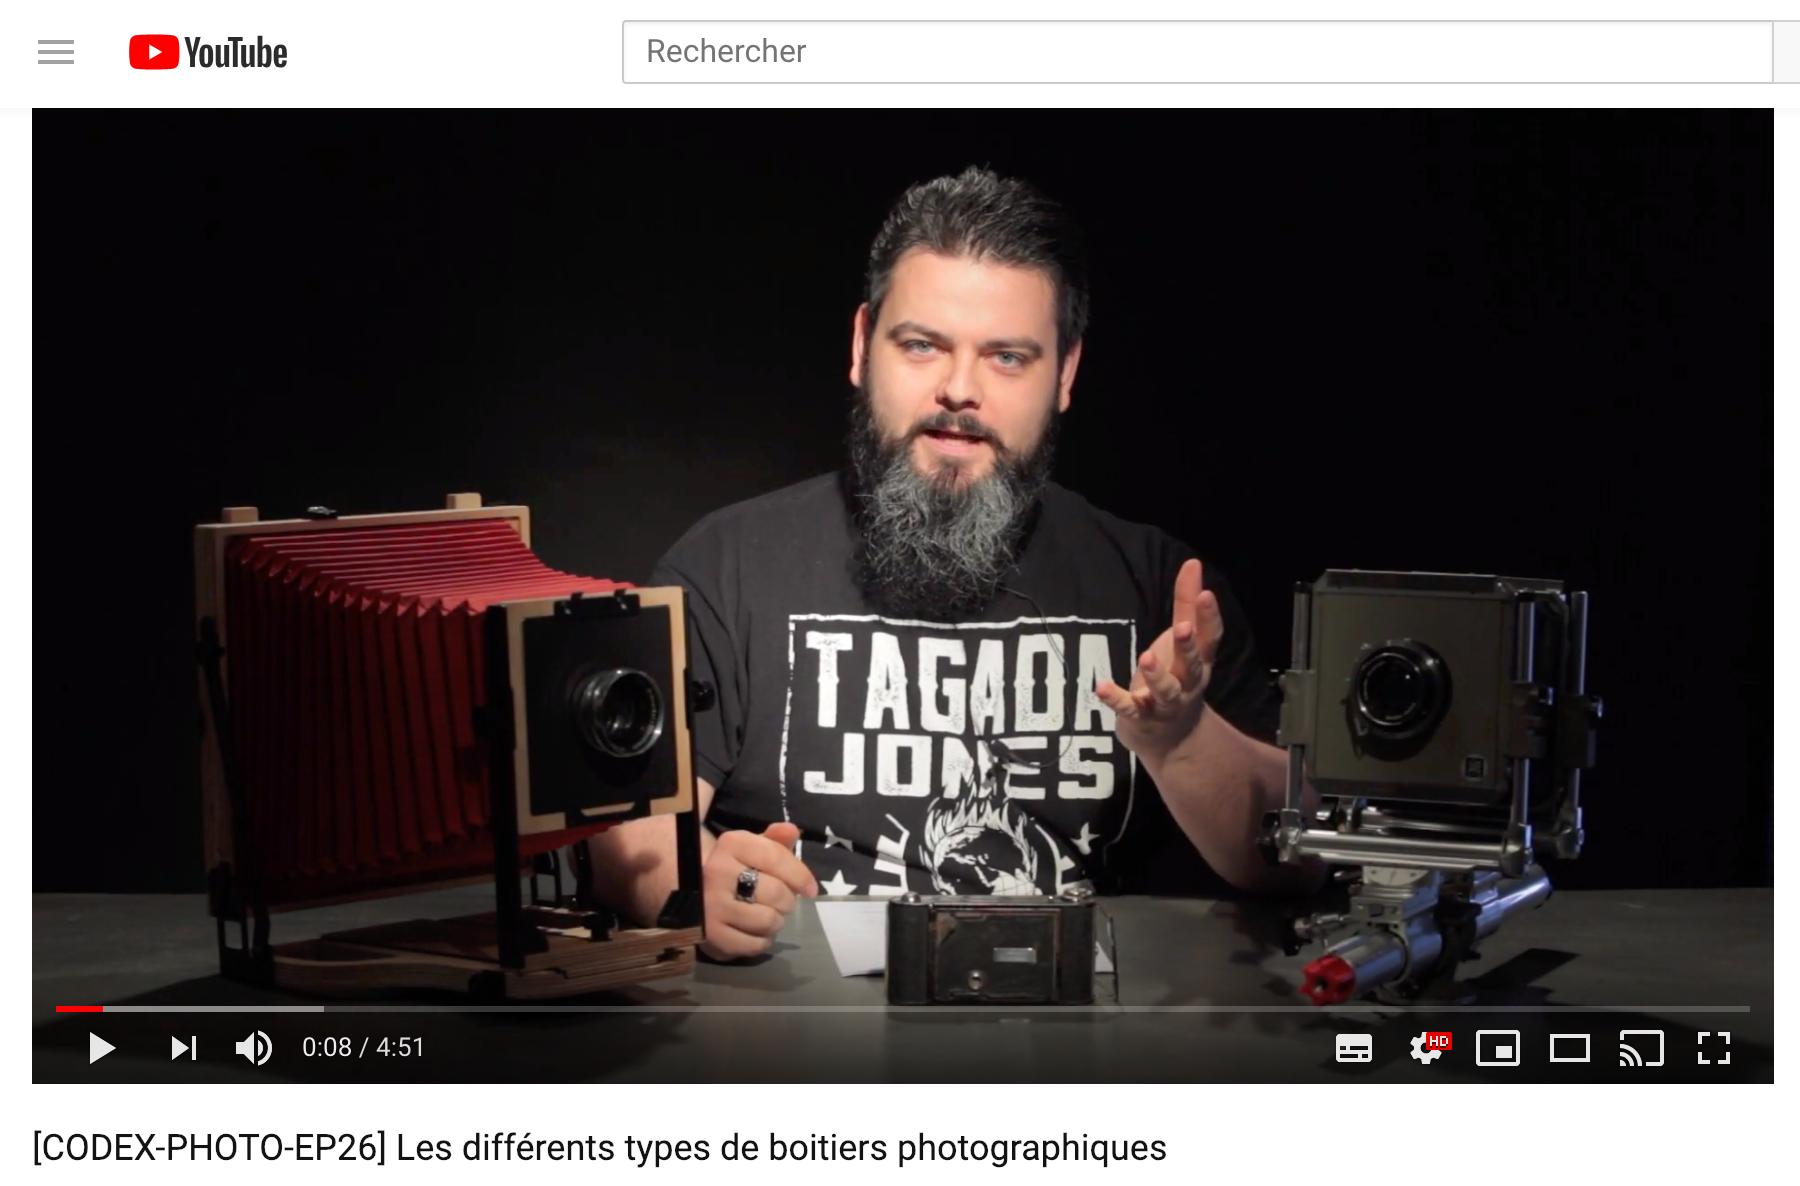 Les différents types de boitiers photo